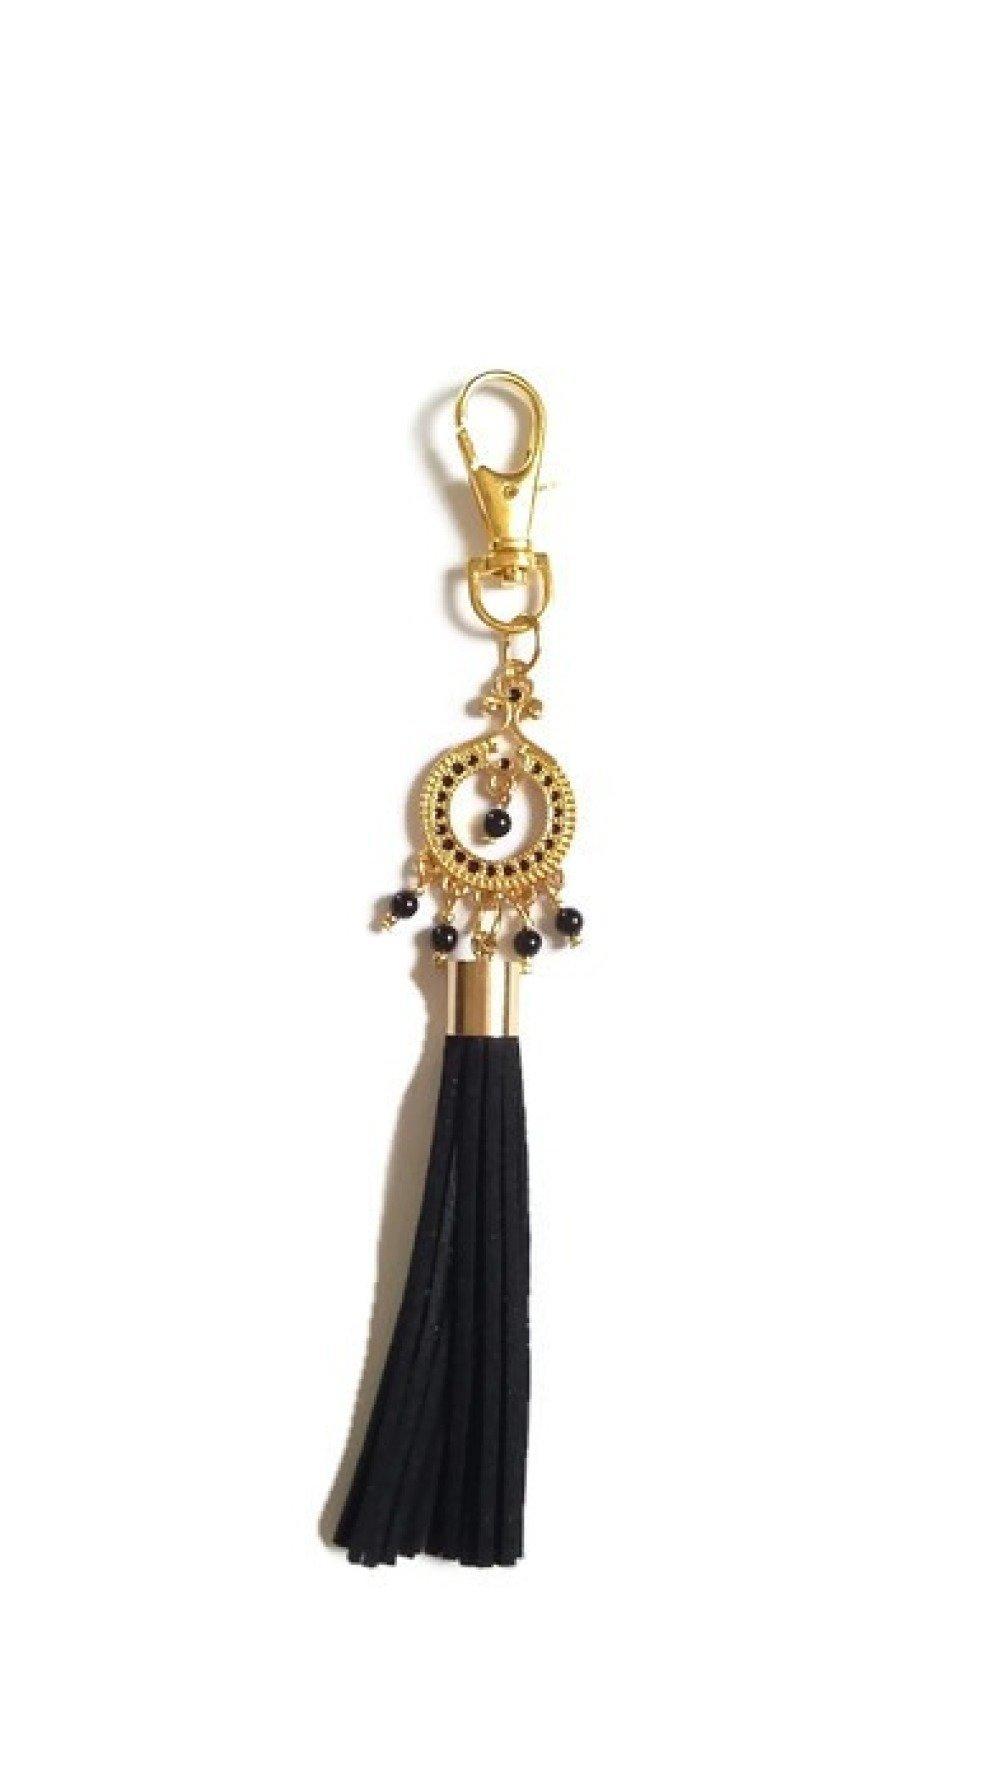 Bijoux de sac indien bollywood tourmaline noire